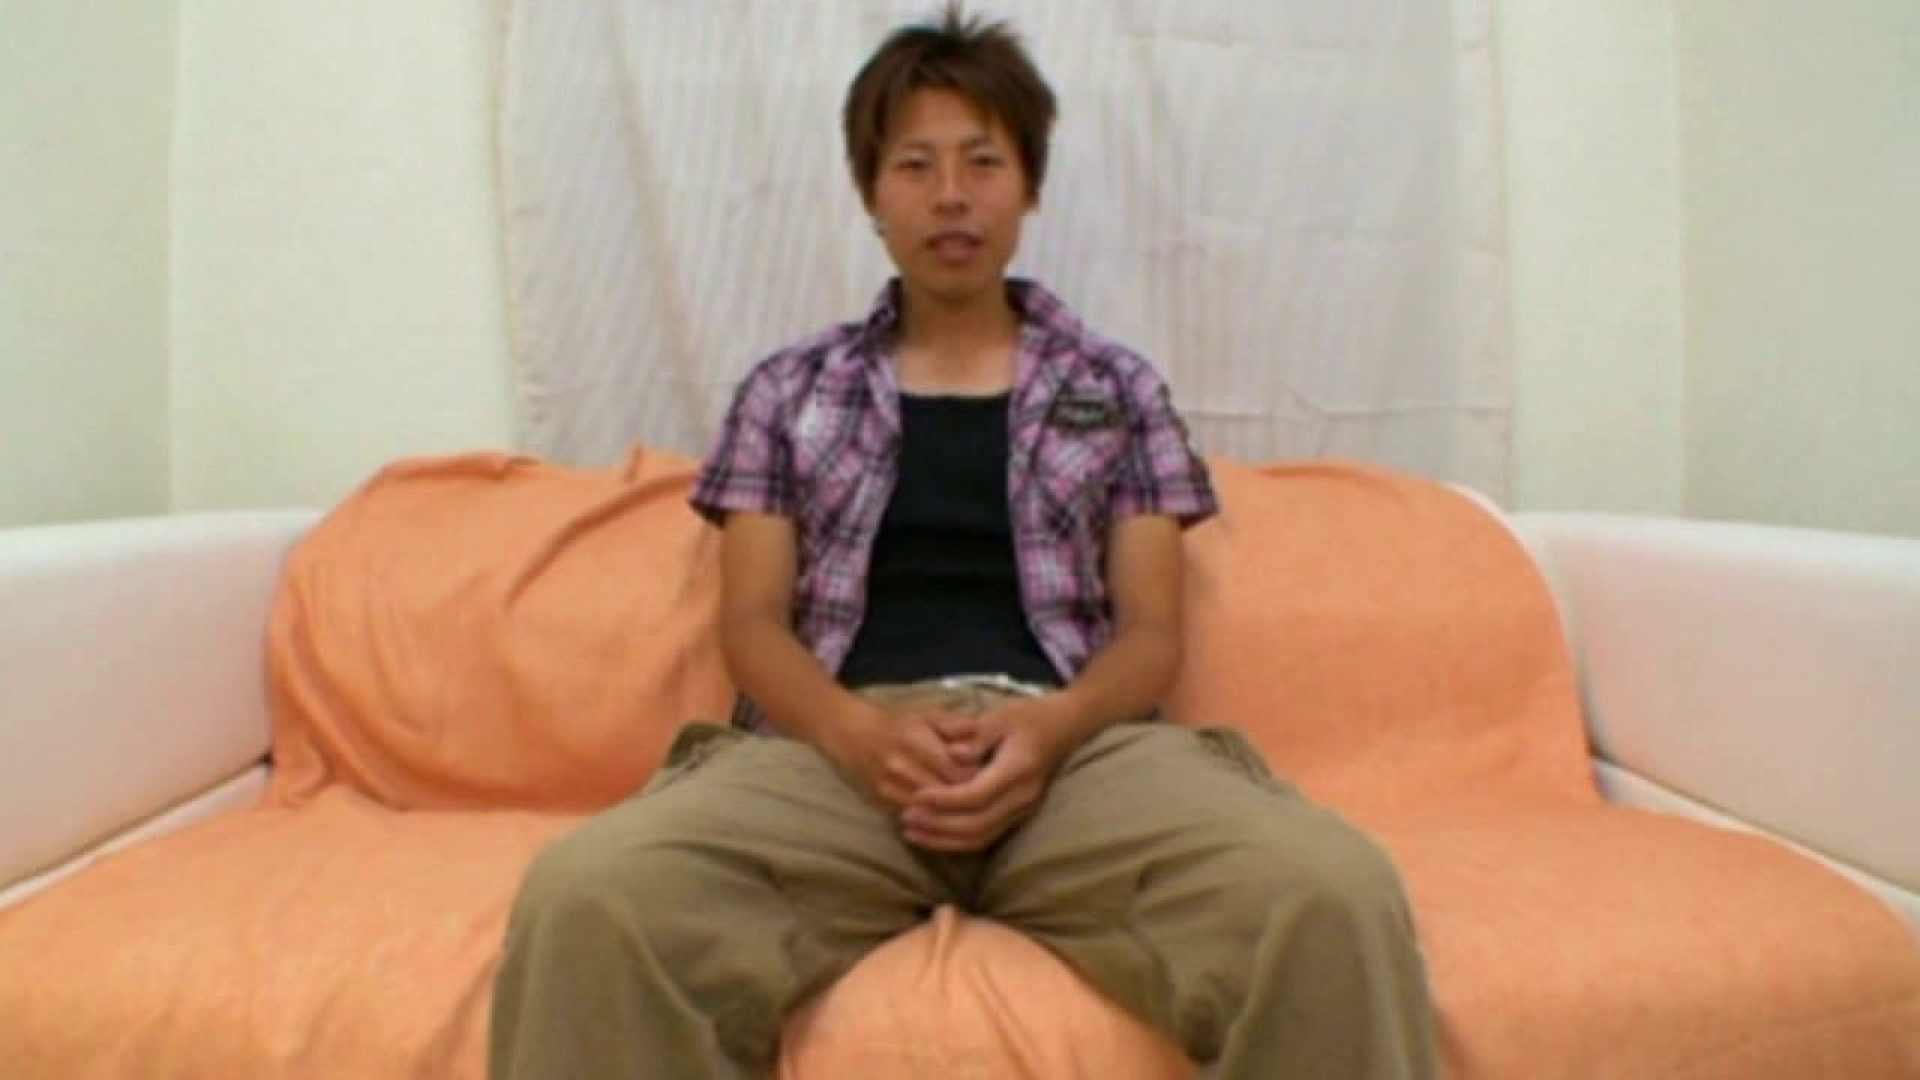 ノンケ!自慰スタジオ No.10 愛するノンケ | 素人  10枚 1